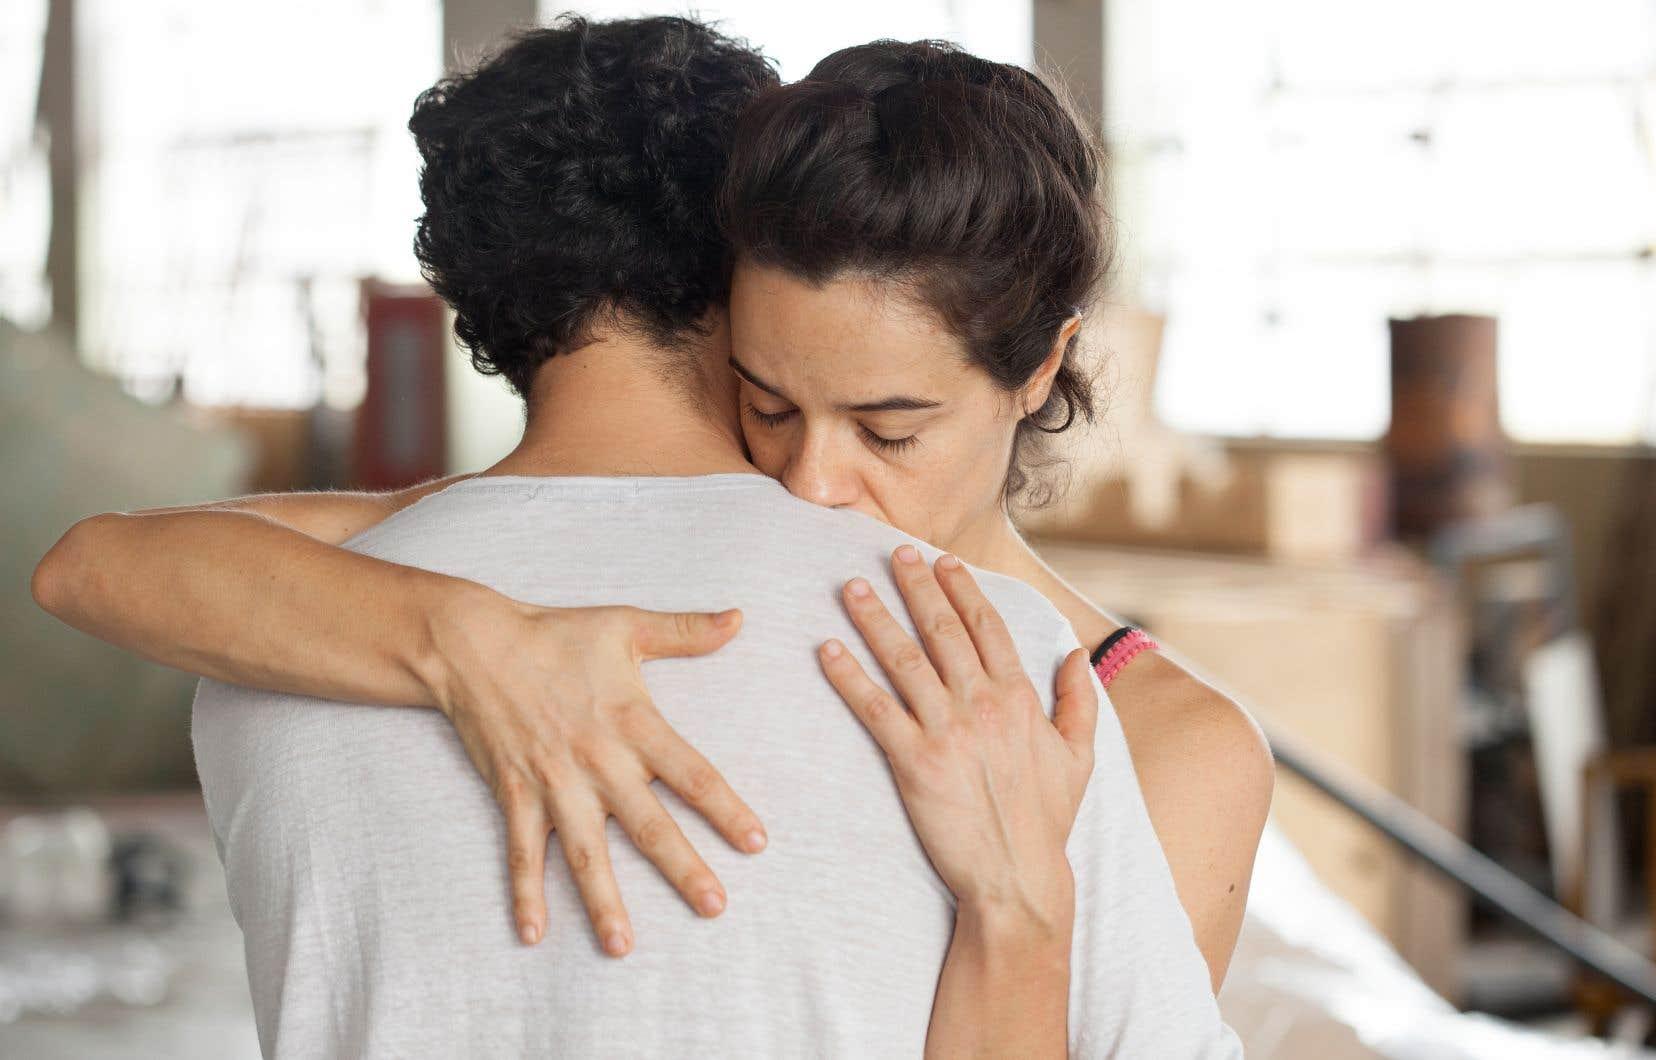 Entre les deux artistes dépeints s'élabore un étrange tango.